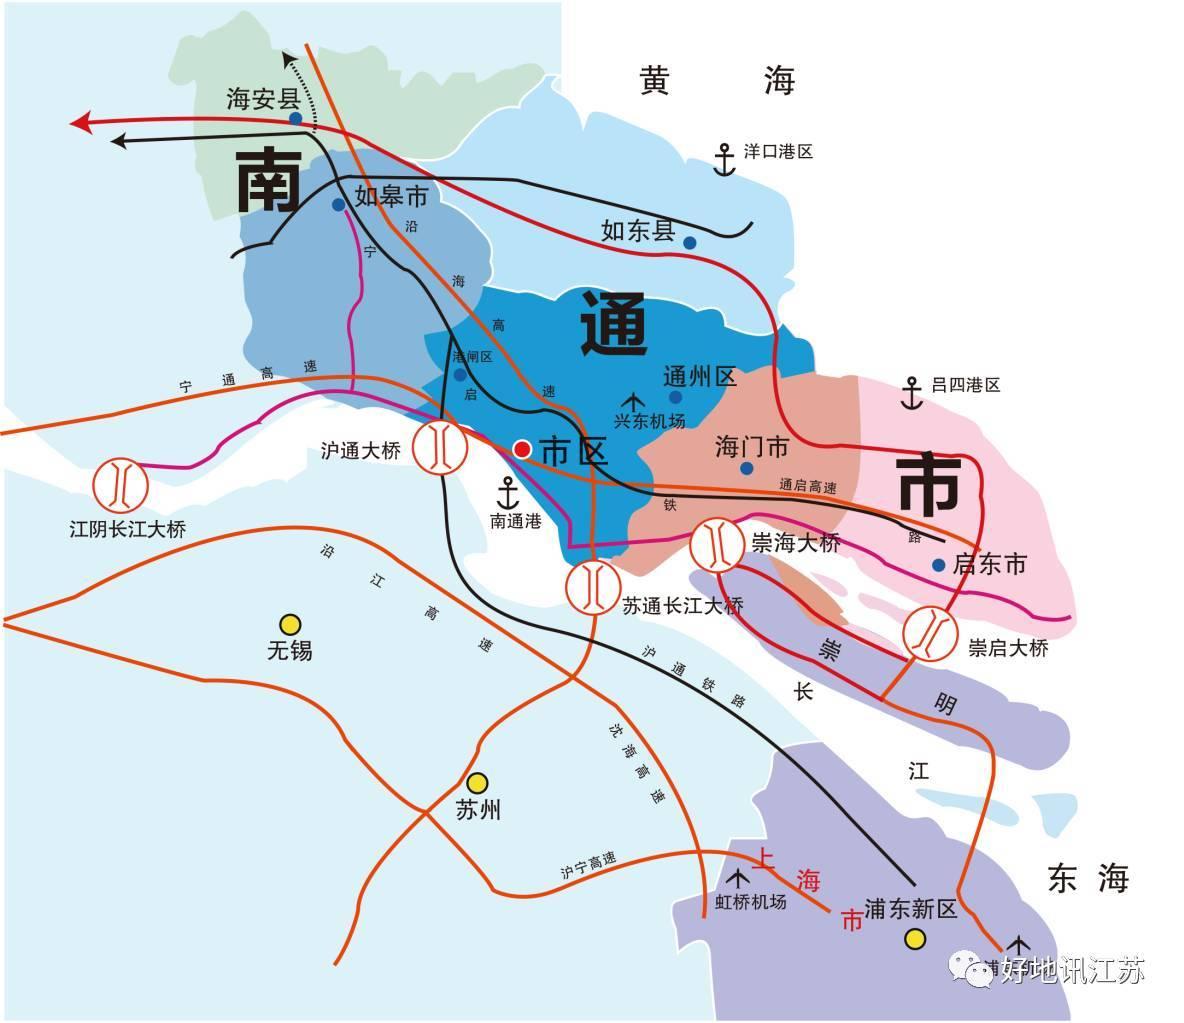 【走进通州】靠江,靠海,靠上海,崛起中的通州有何规划